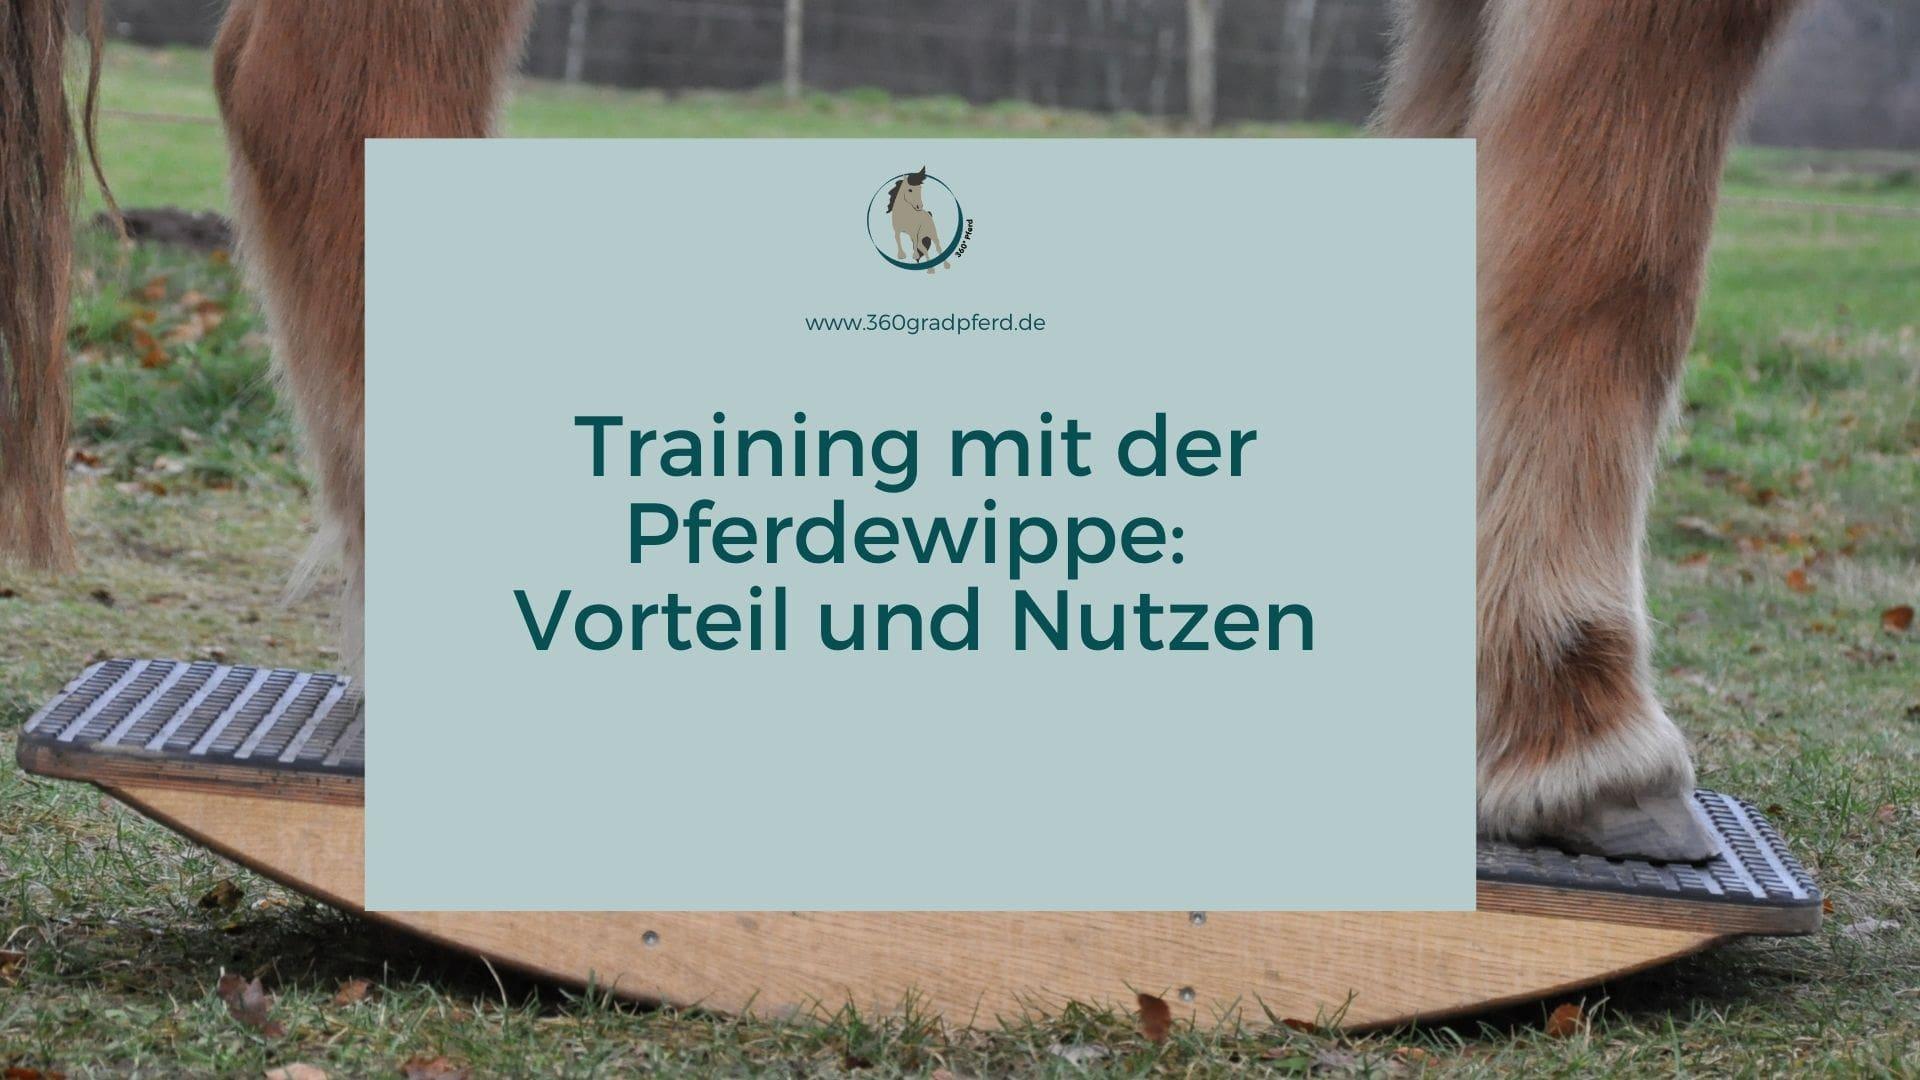 Training mit der Pferdewippe